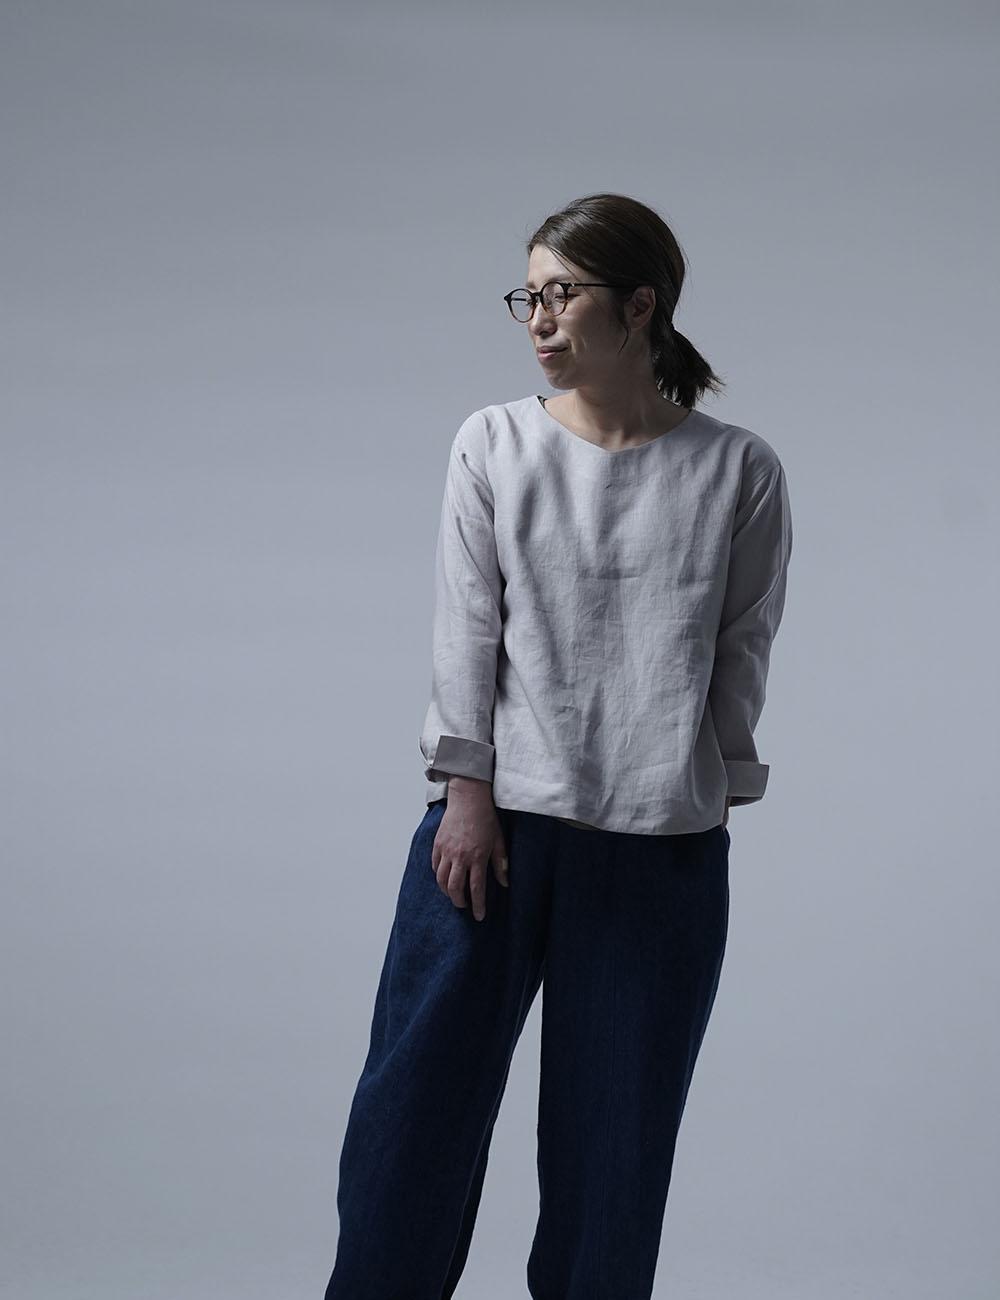 【wafu】Linen Top ブラウジング トップス / 灰桜(はいざくら) t025h-hzk1